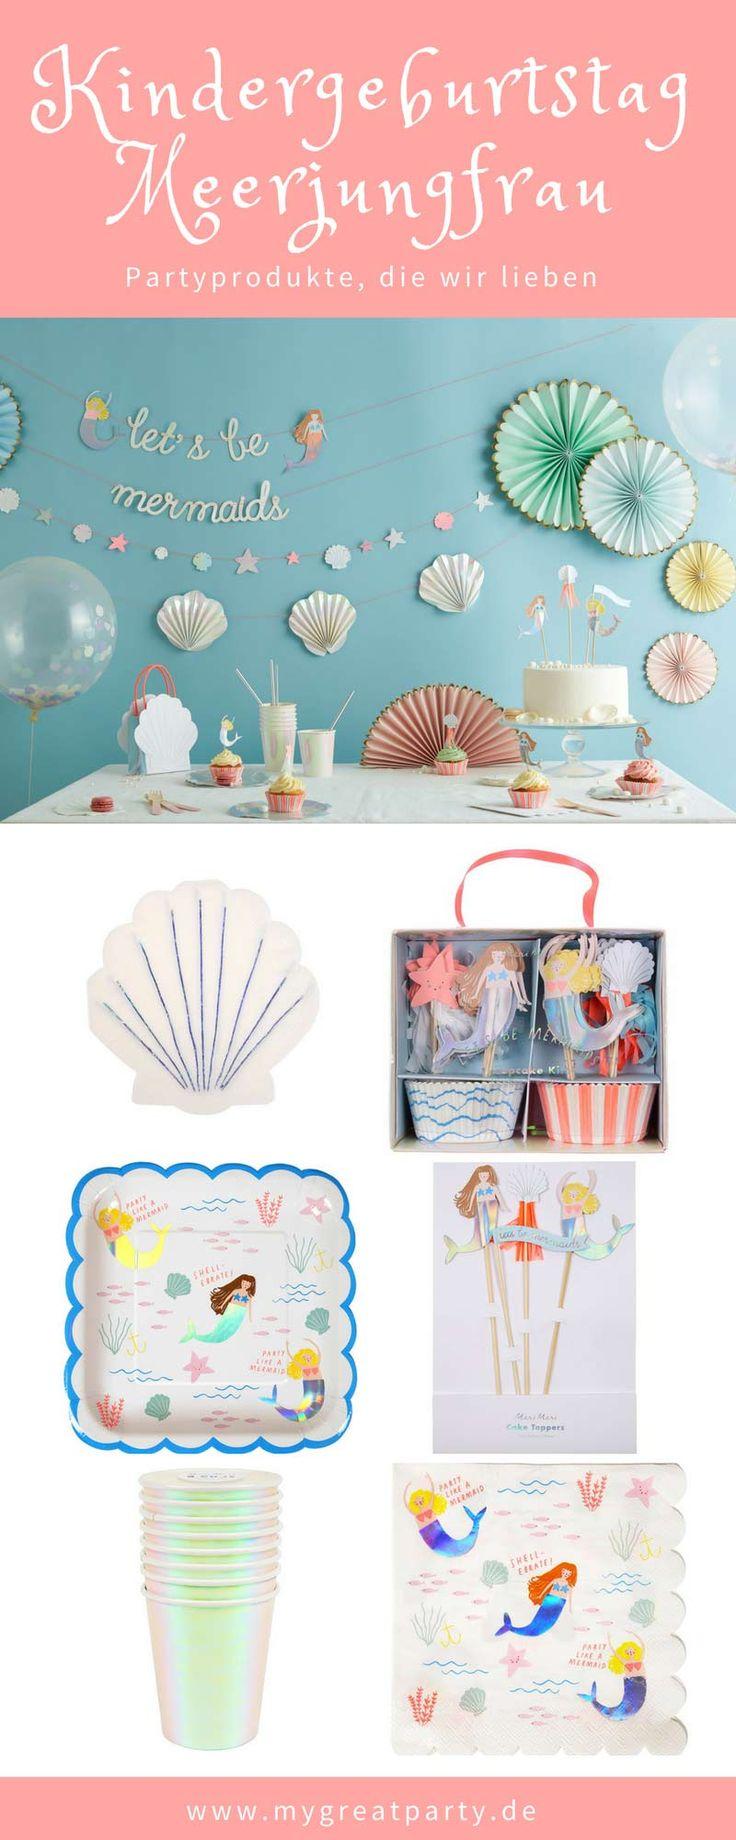 Partydekoration für den Kindergeburtstag einer Meerjungfrau. Wunderschöne Part…